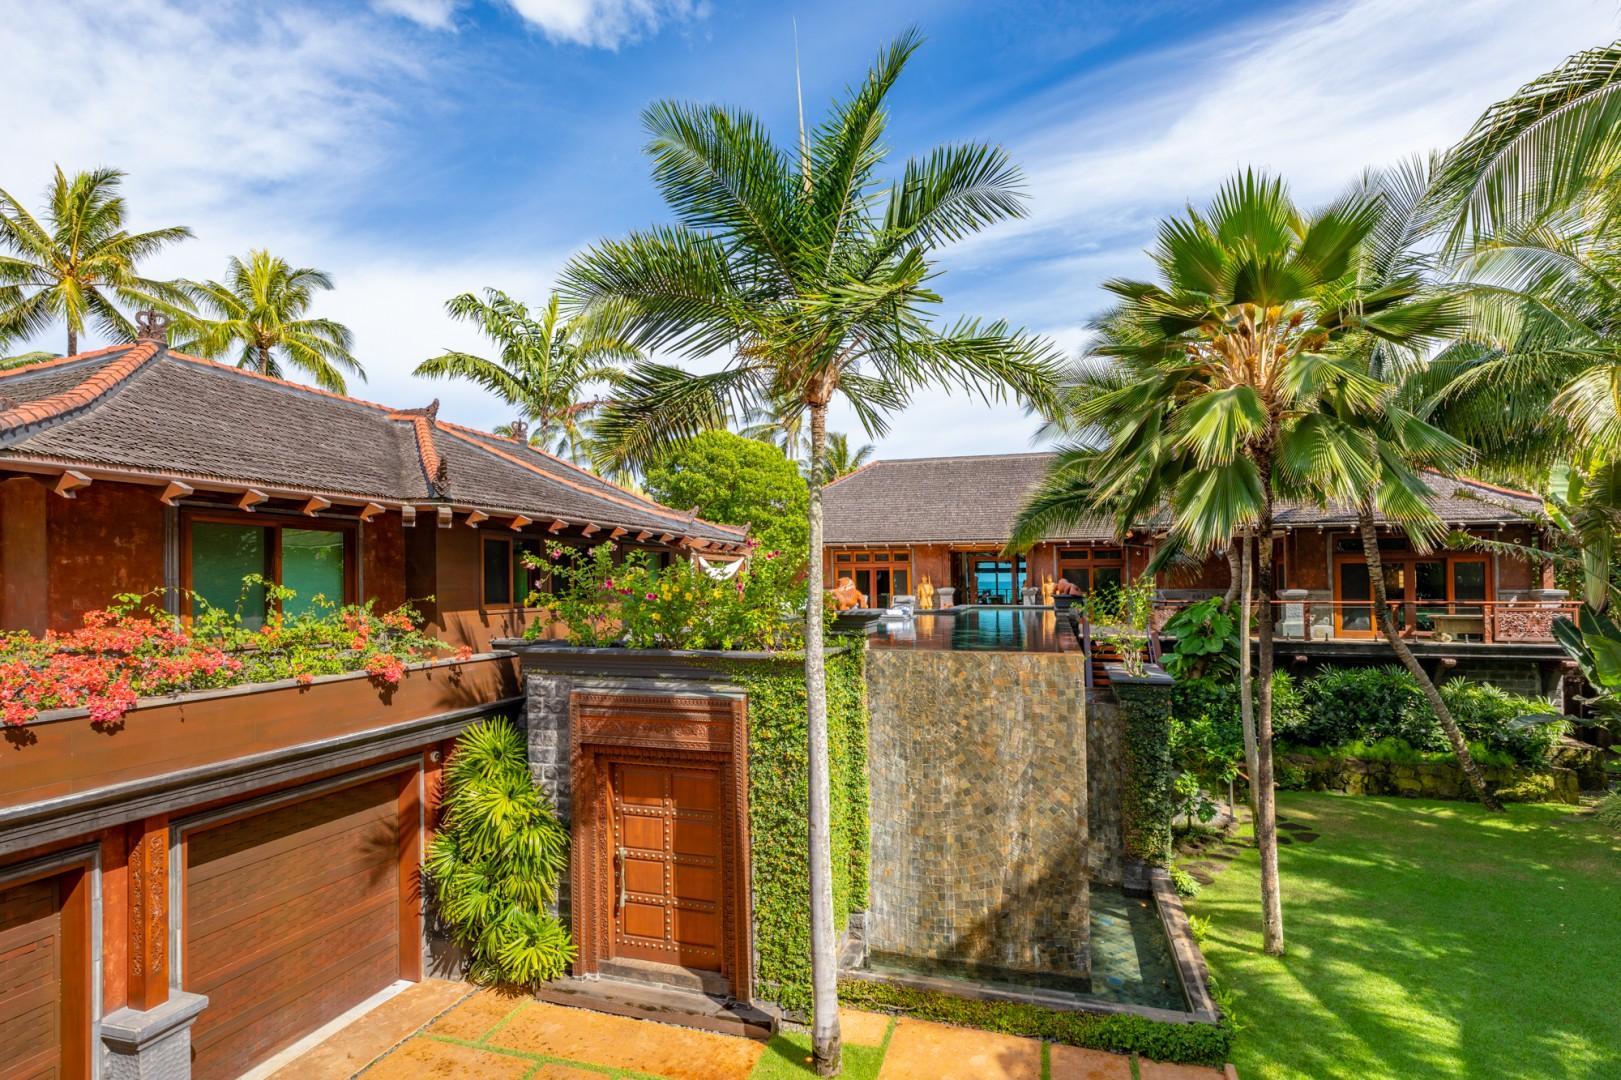 King Kong Entry Doors to Hale Komodo Estate